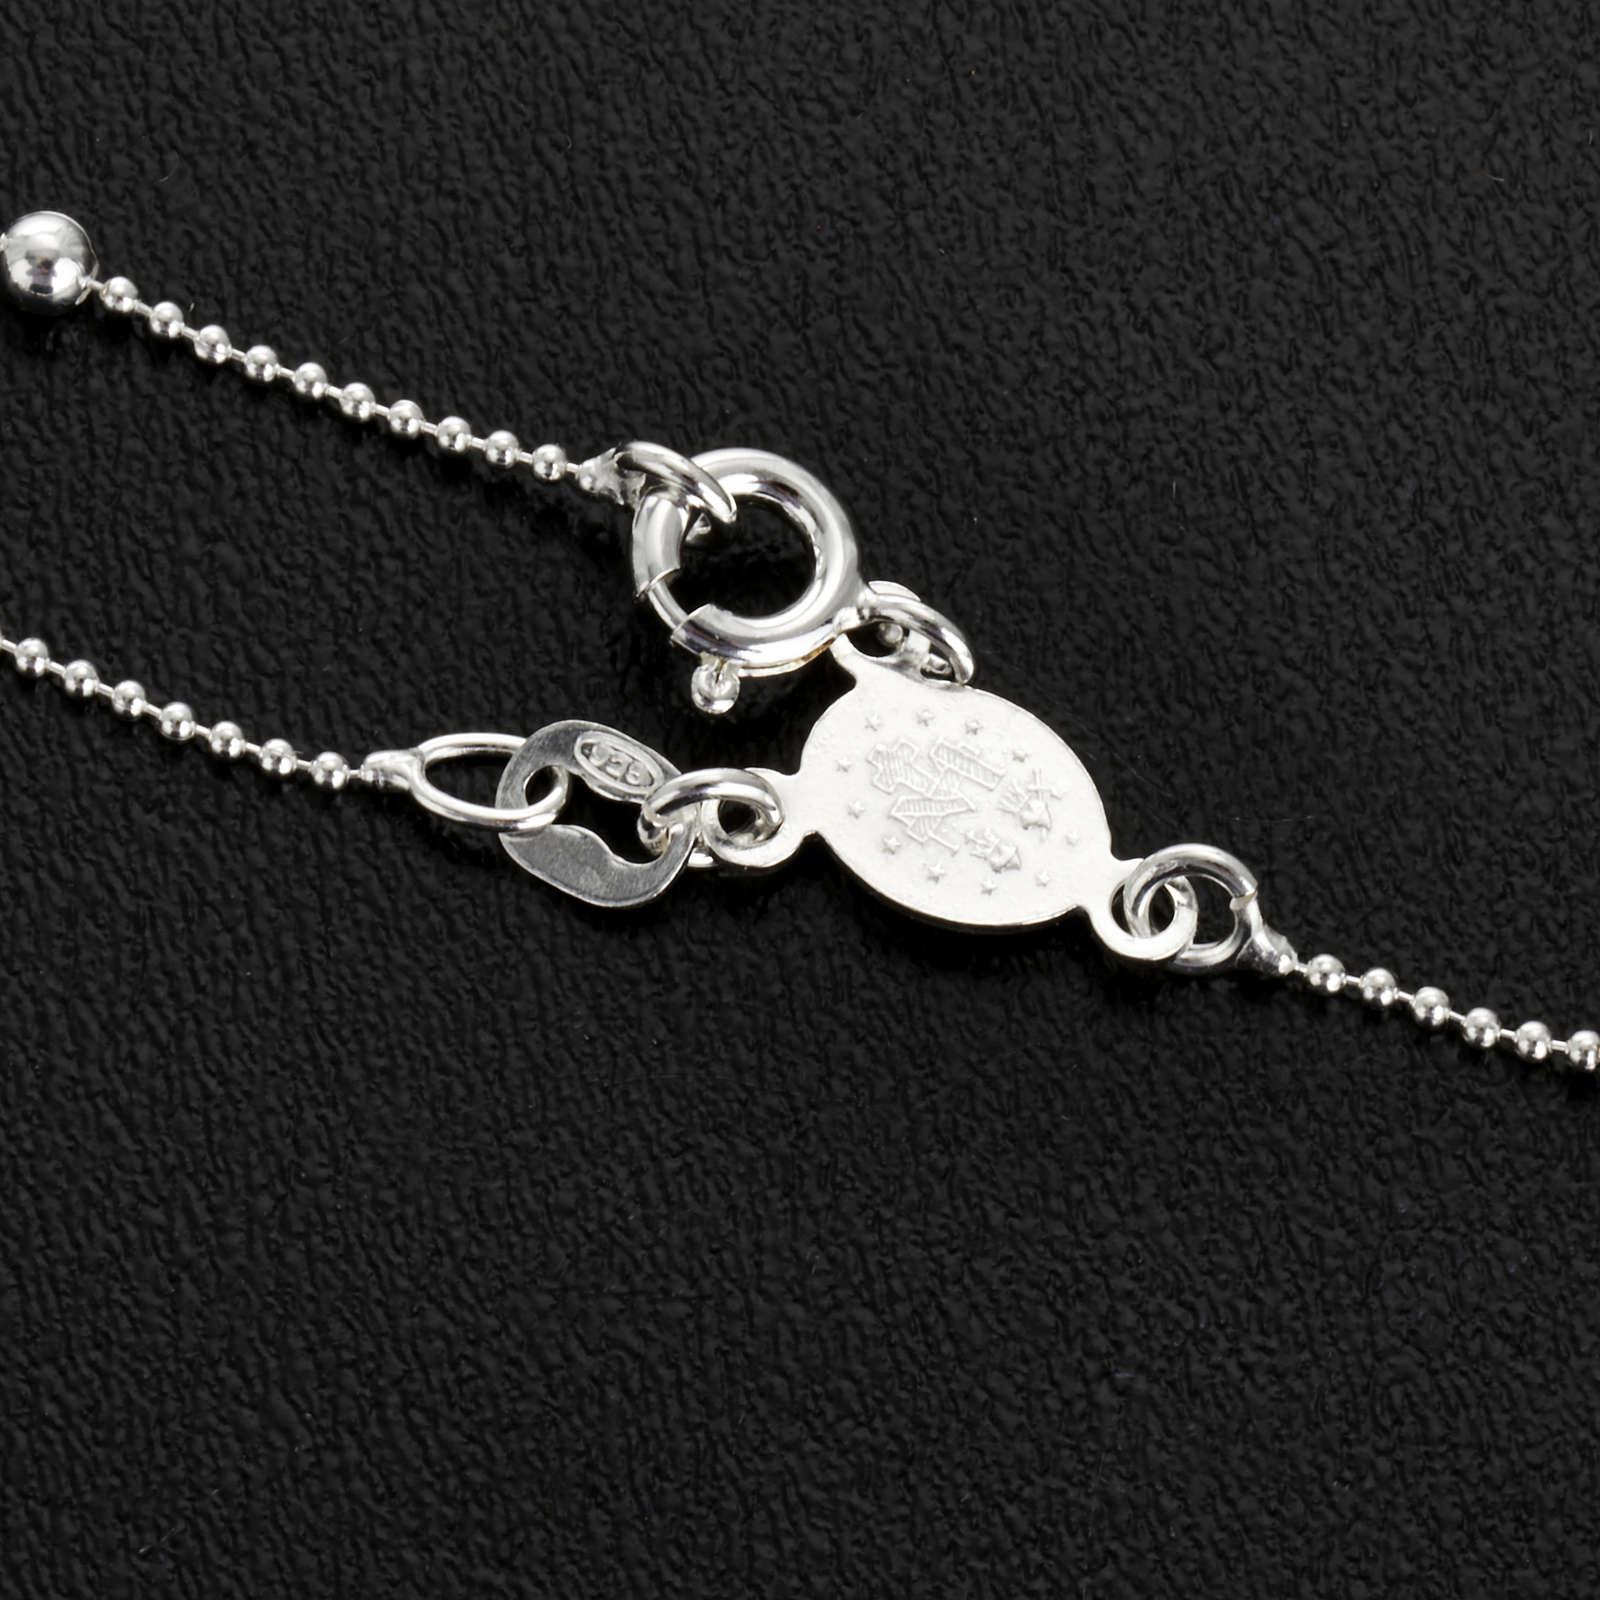 Collana rosario argento 925 grani 3 mm 4